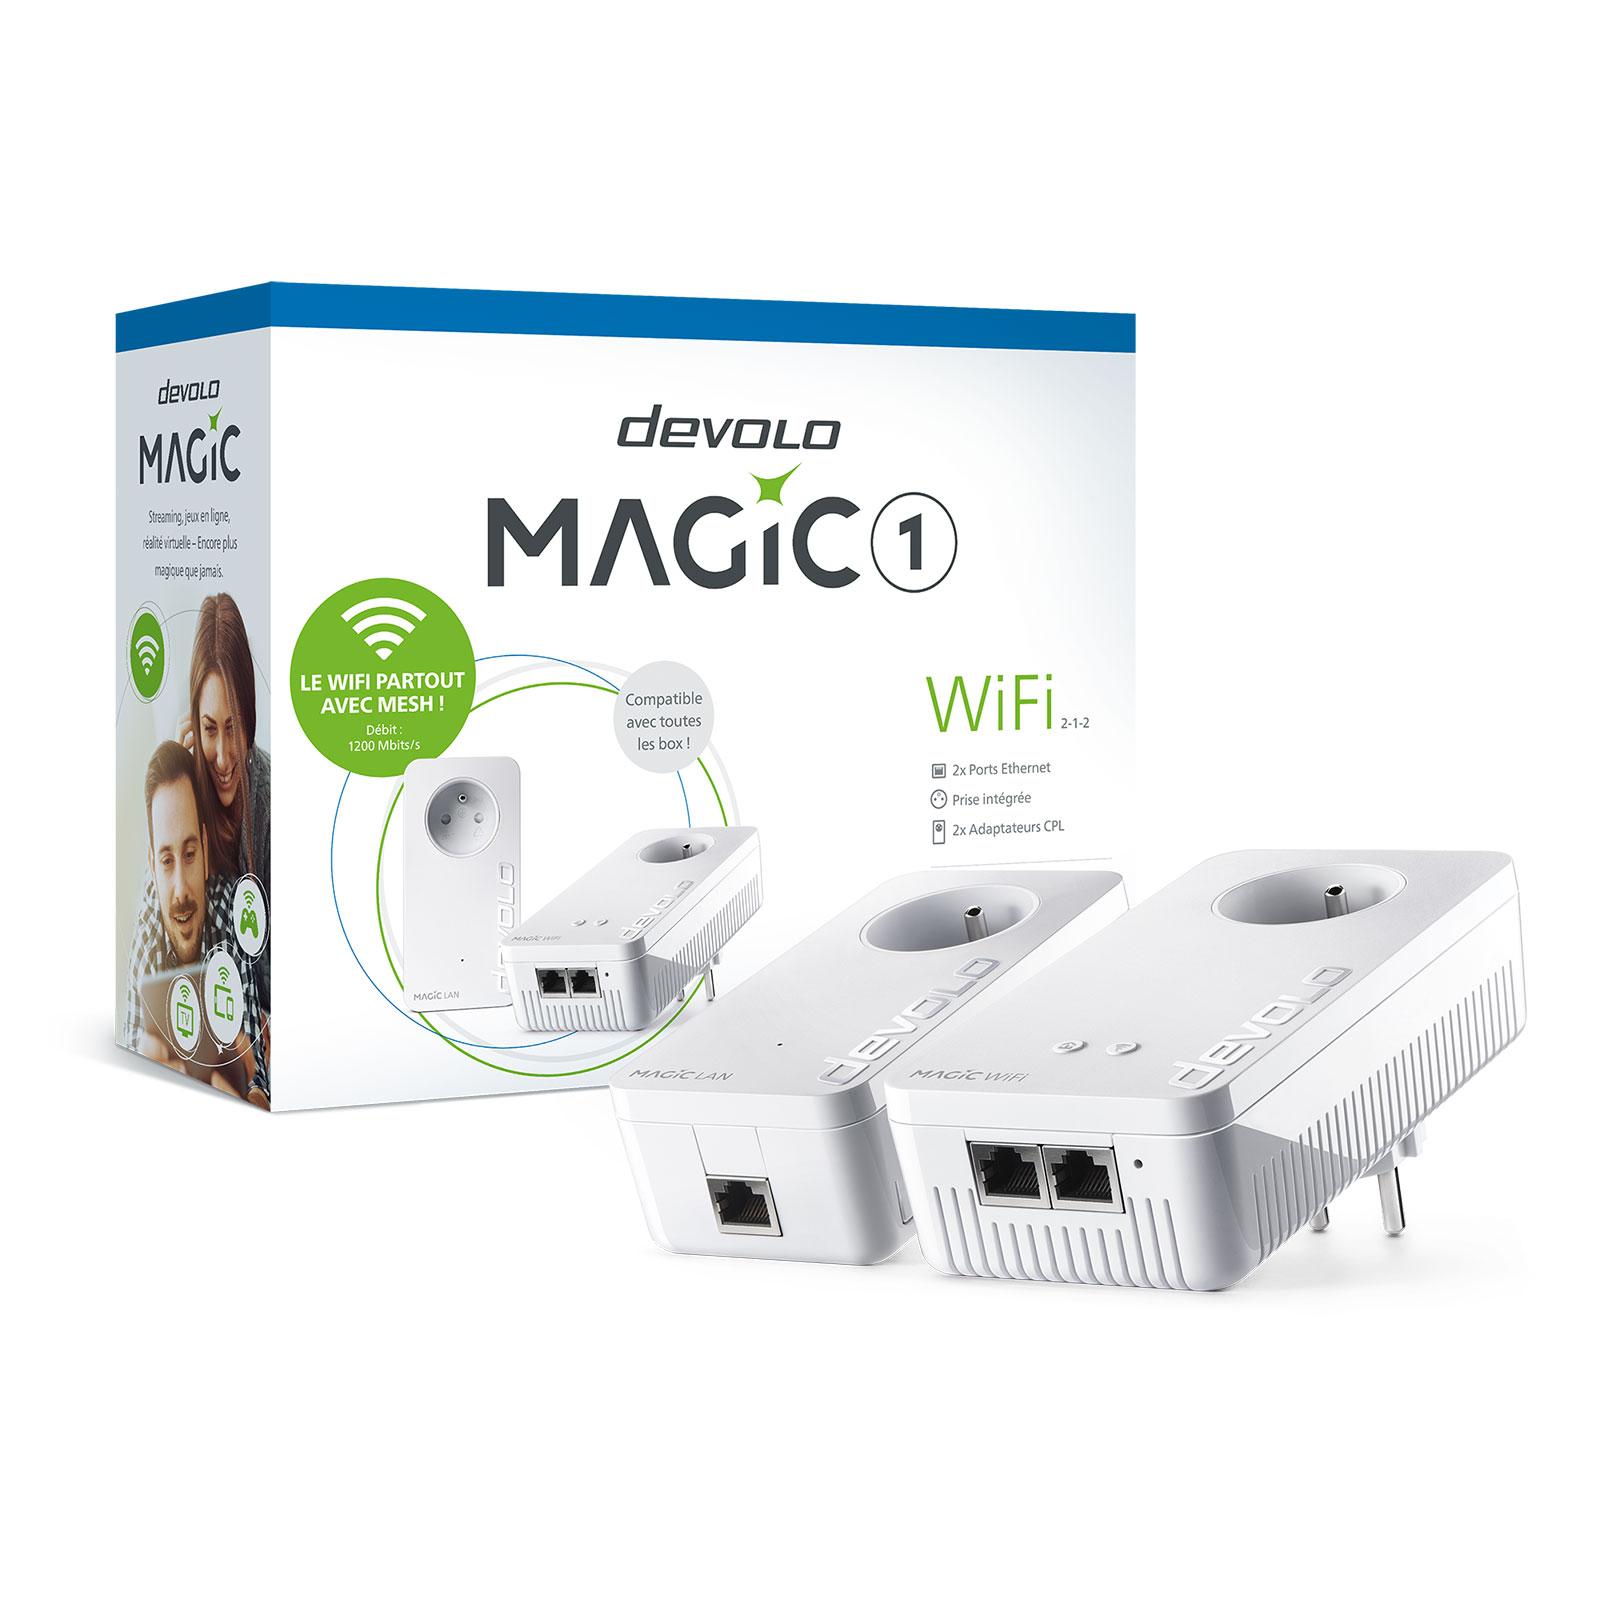 devolo magic 1 wifi kit de d marrage 8360 achat adaptateur cpl devolo ag pour. Black Bedroom Furniture Sets. Home Design Ideas